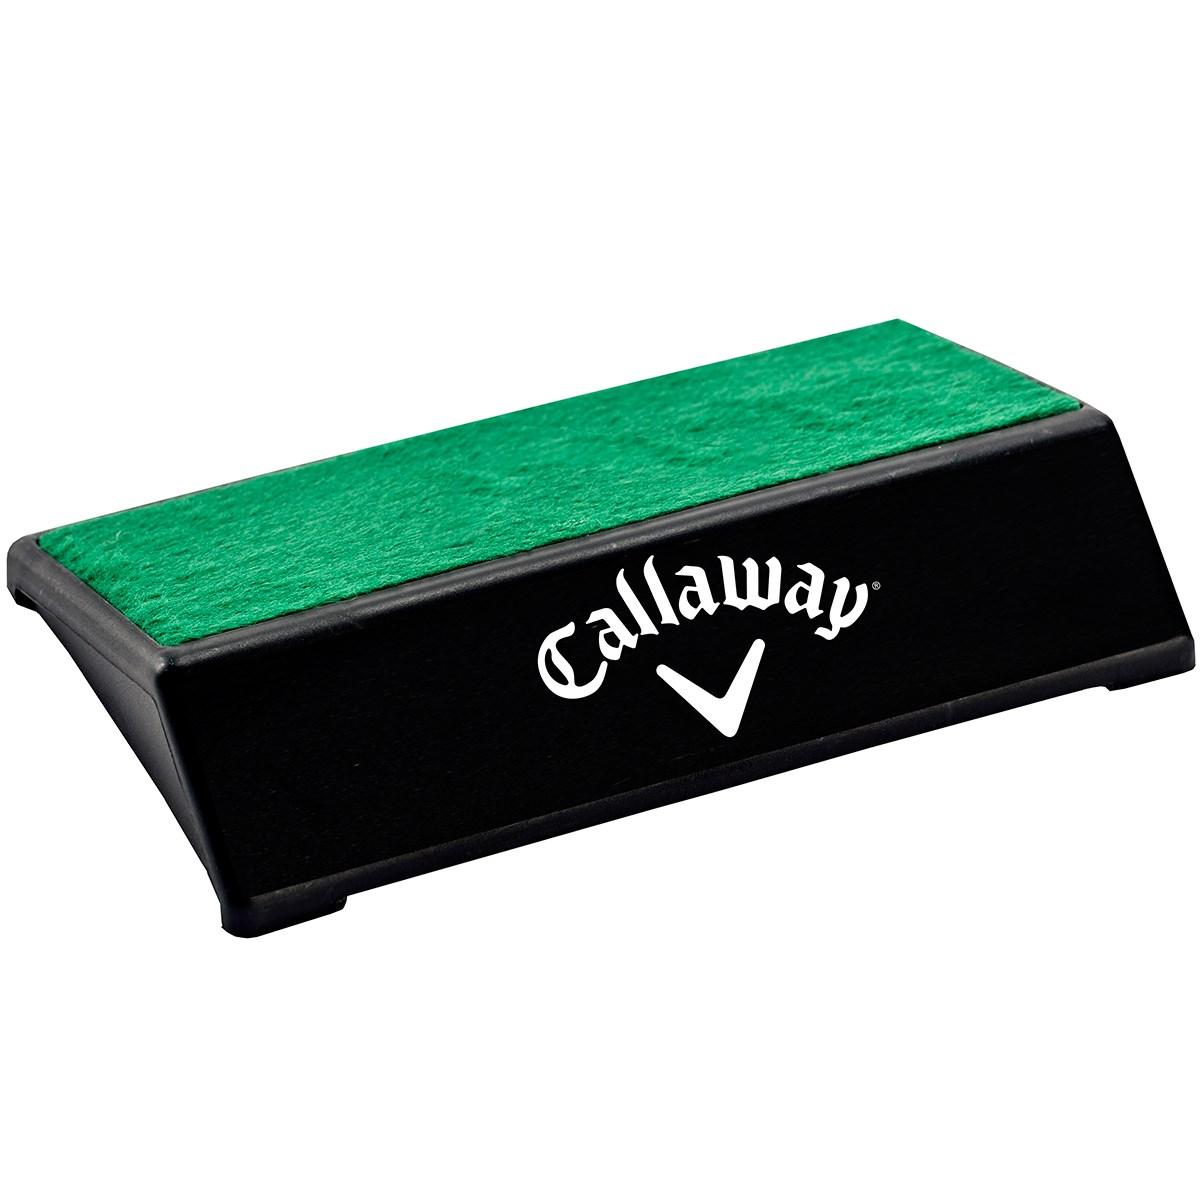 ゴルフ トレーニング用具 国際ブランド GDO GOLF キャロウェイゴルフ Golf パワープラットフォーム 070021500043 直輸入品激安 Callaway